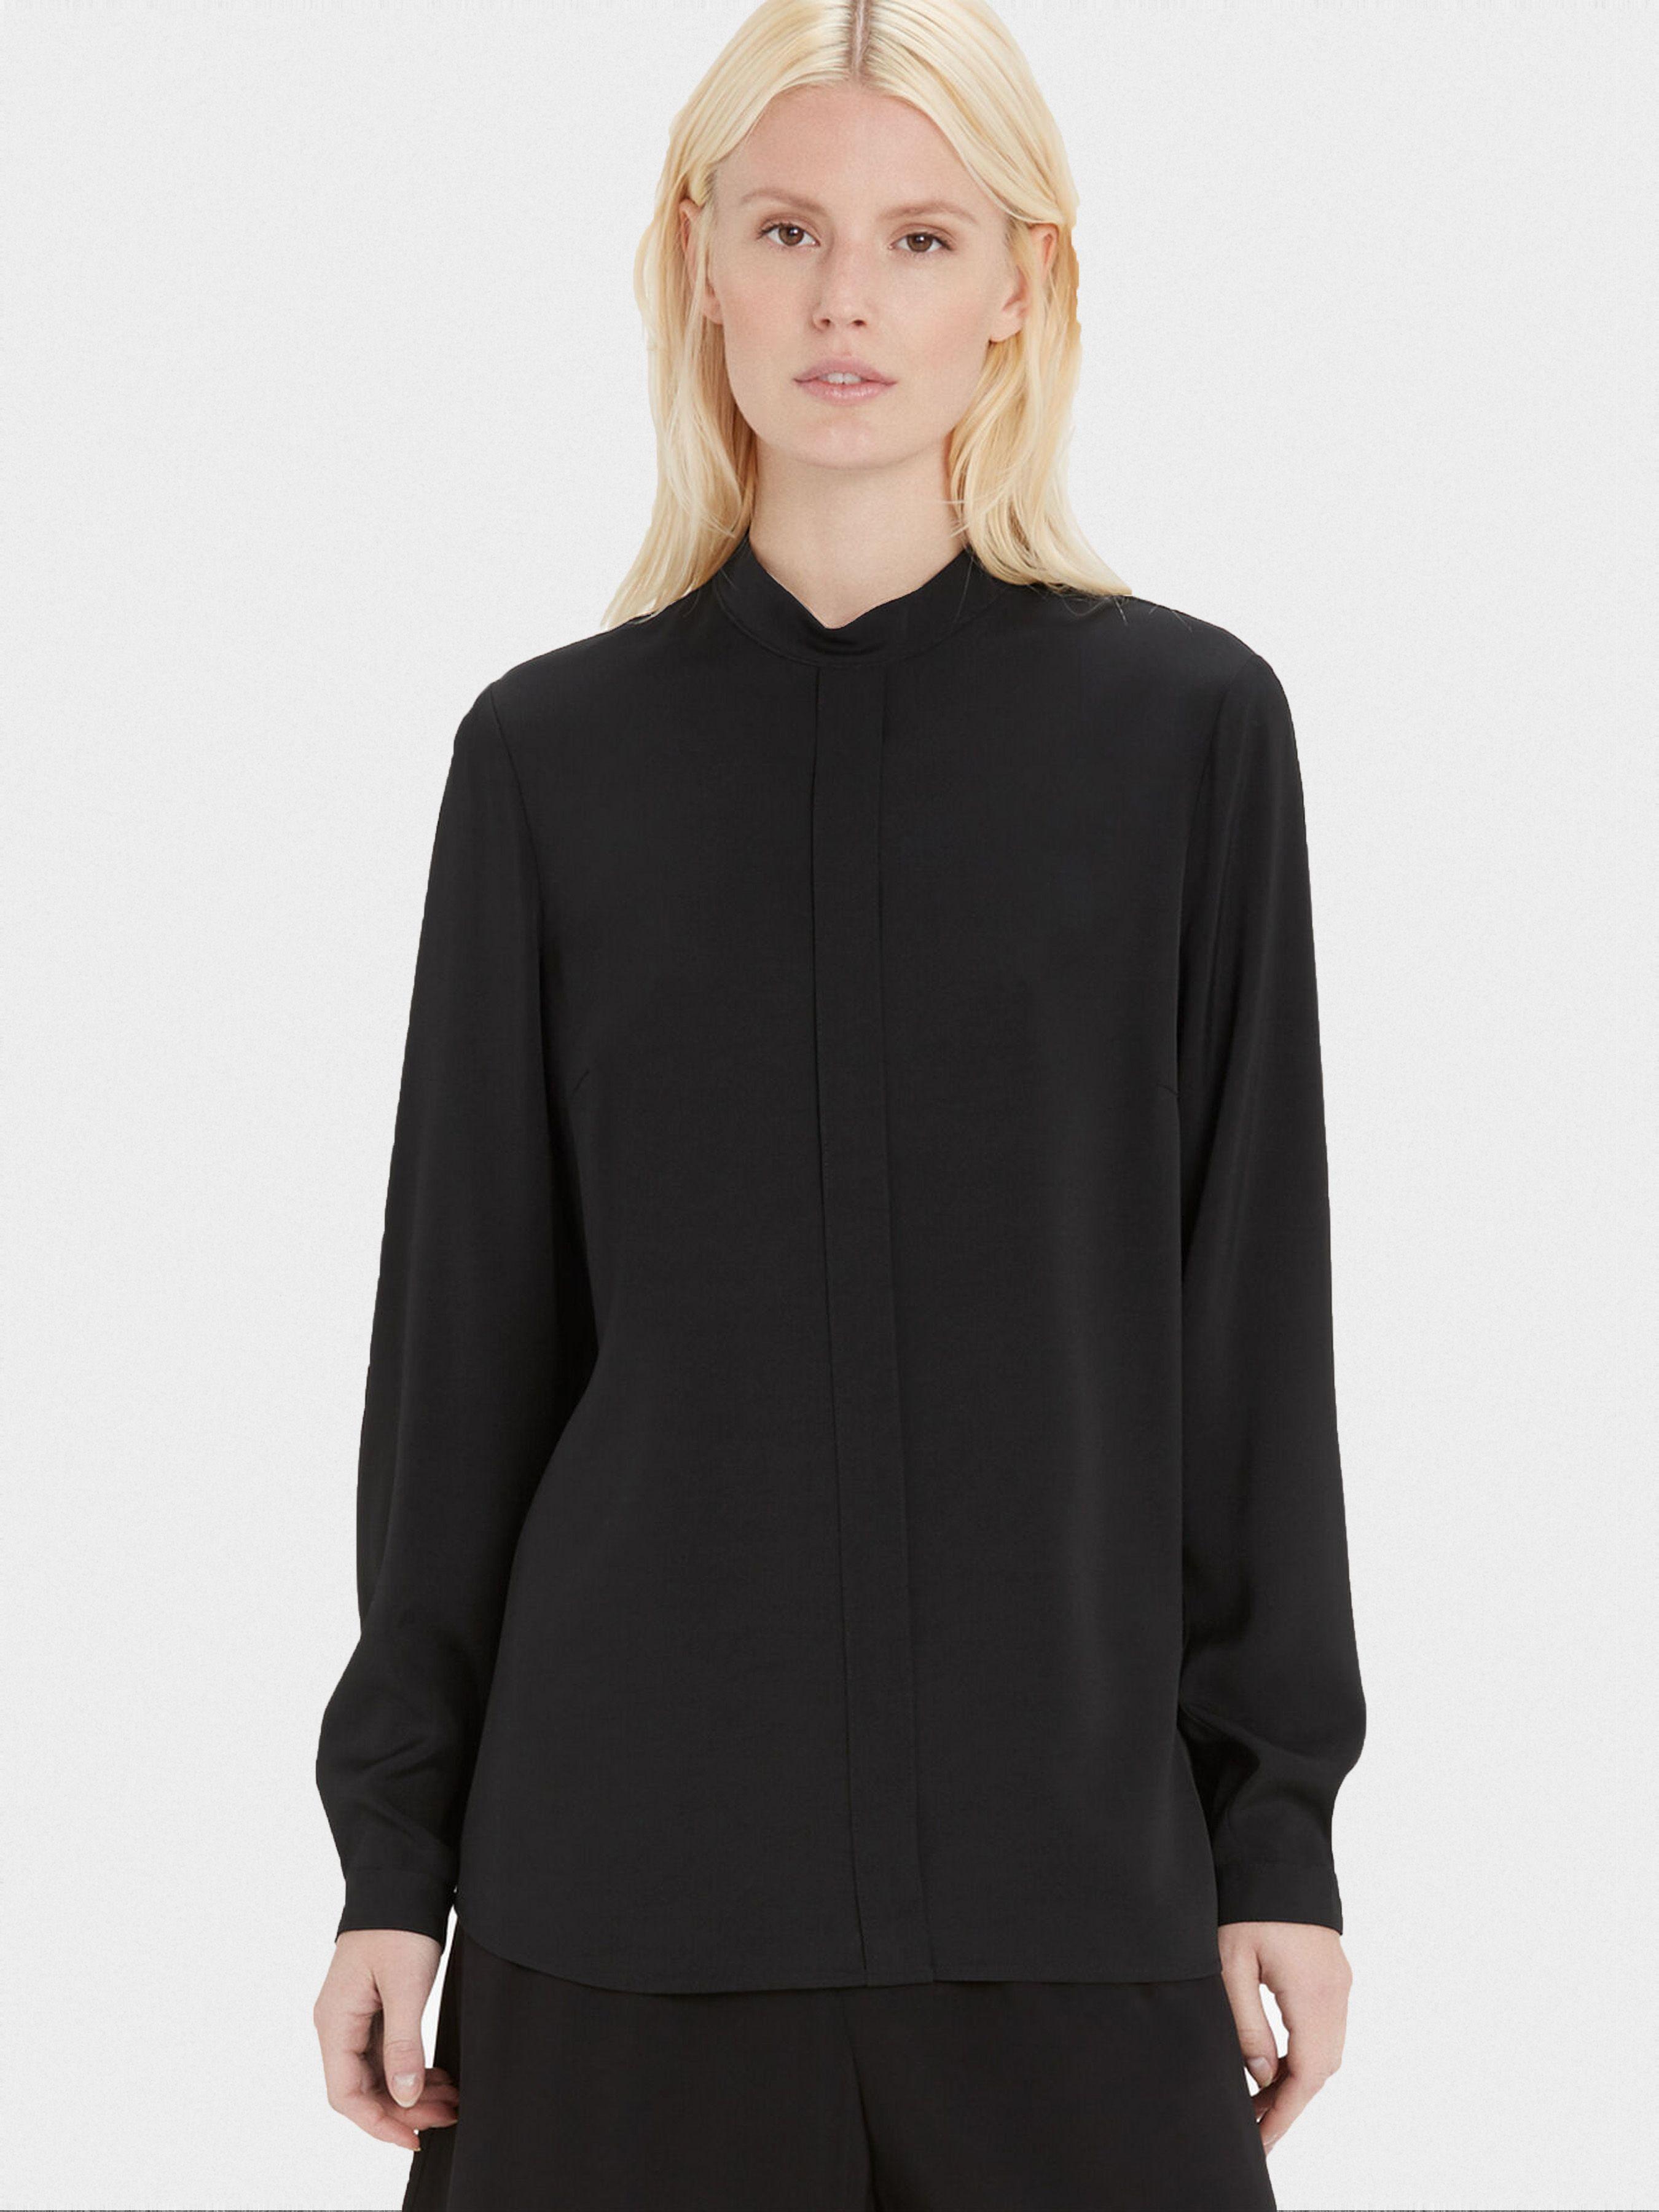 MARC O'POLO Блуза жіночі модель PF3113 купити, 2017